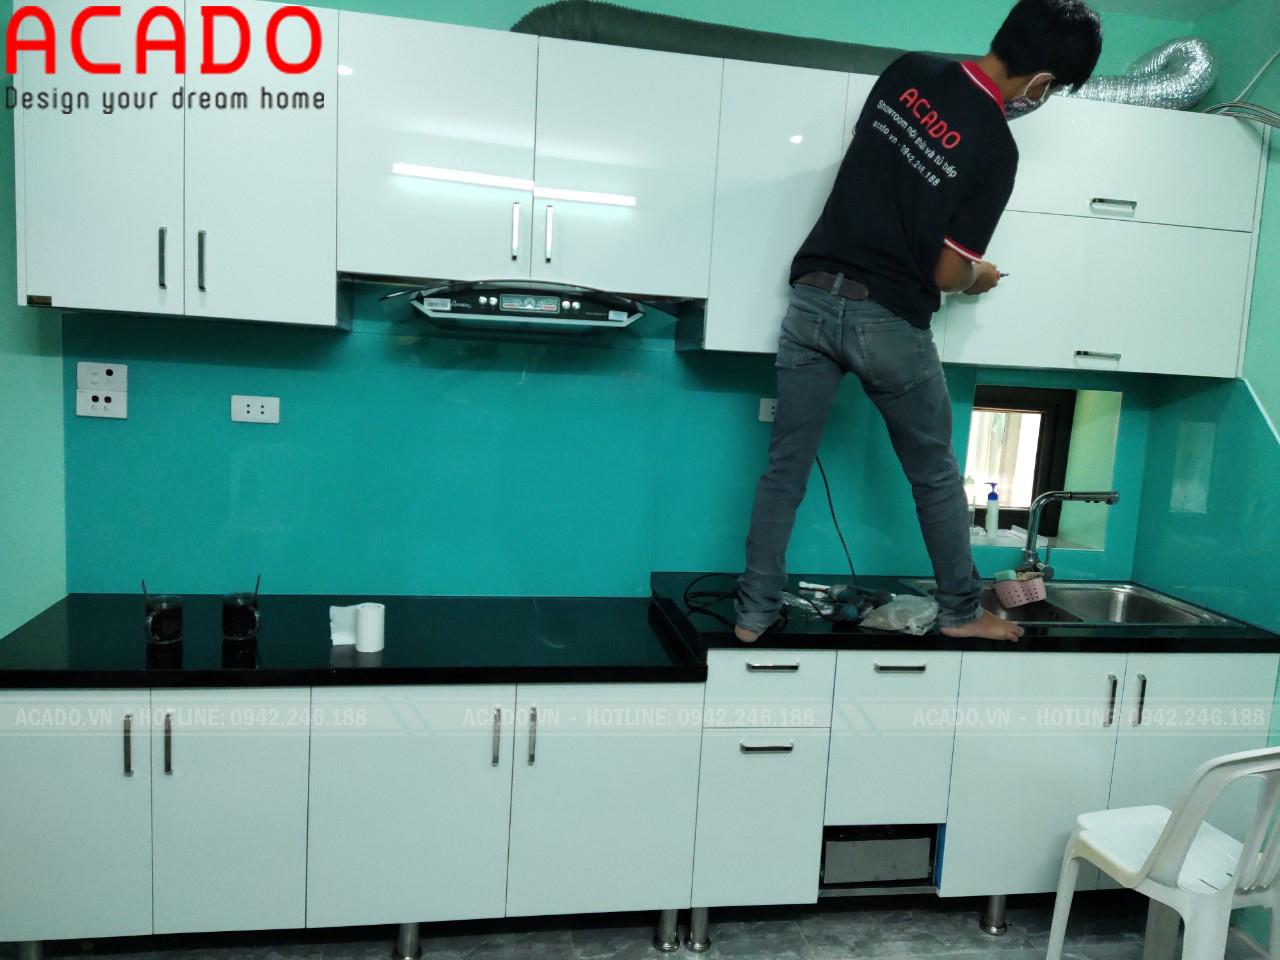 Kính bếp xanh dương màu sắc nhã nhặn, hài hòa, mang lại không gian tươi mới cho căn bếp